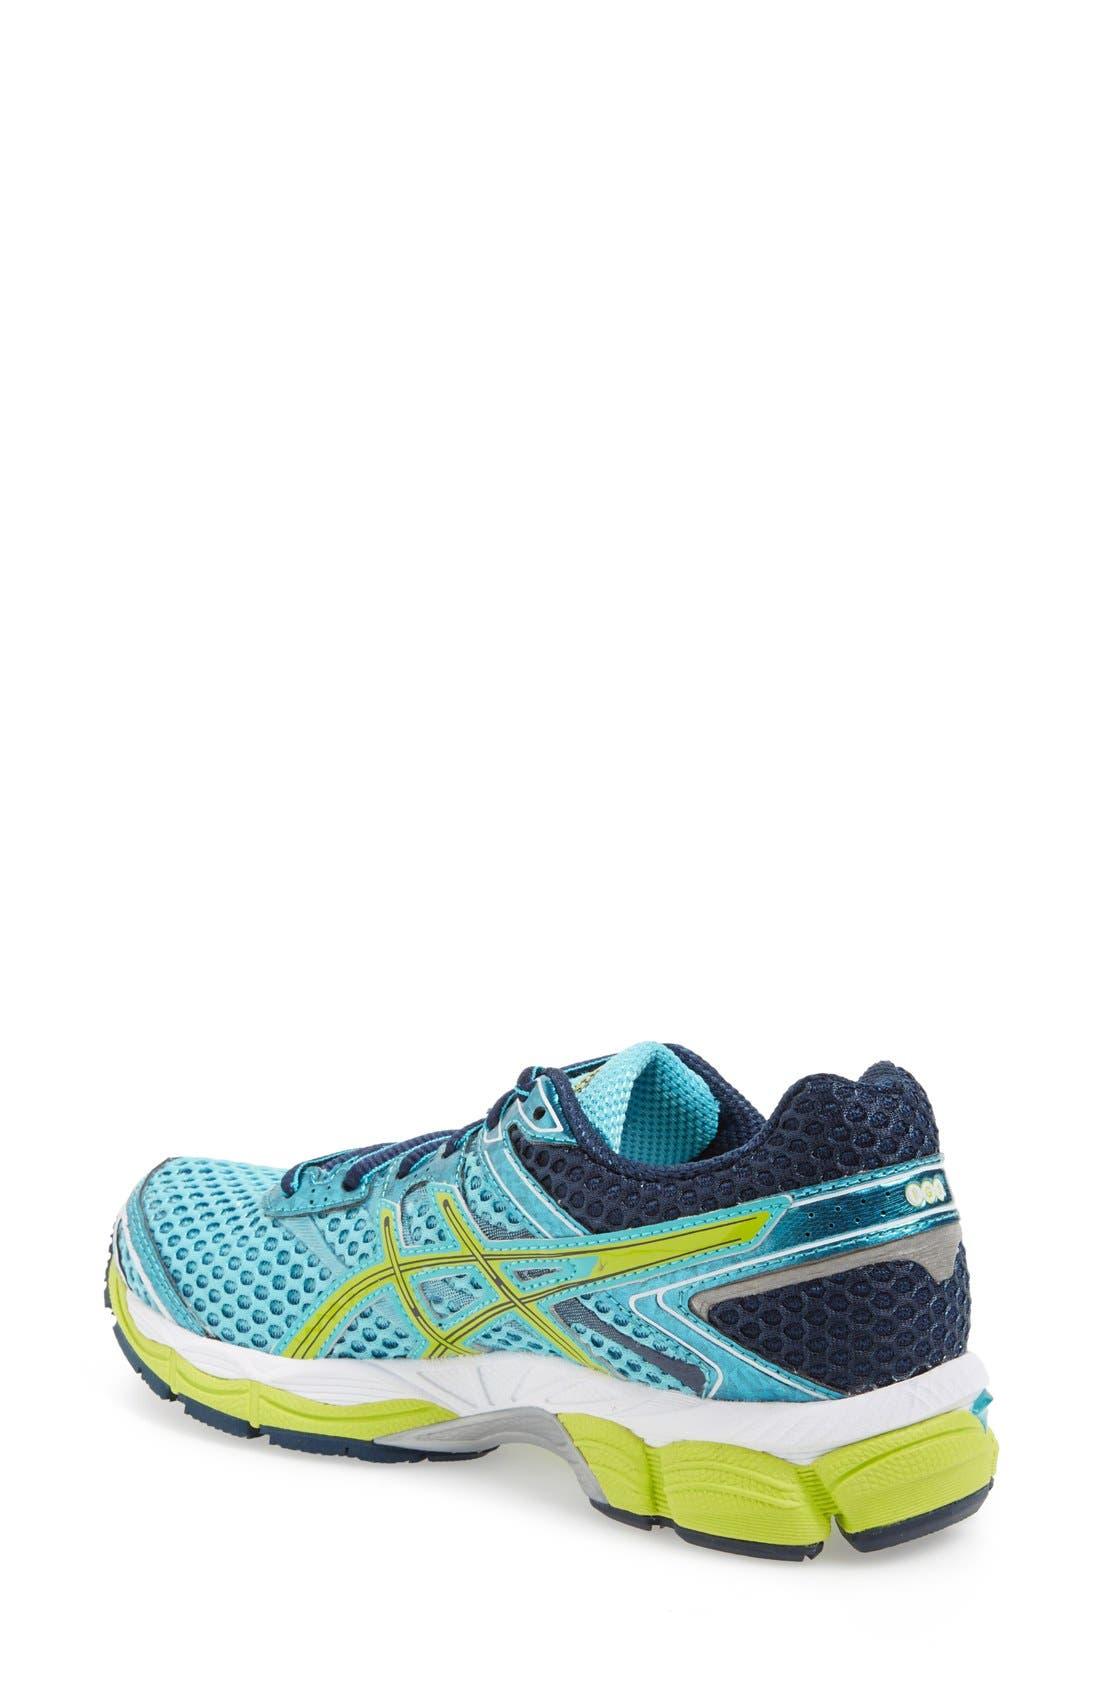 Alternate Image 2  - ASICS® 'GEL-Cumulus® 16' Running Shoe (Women)